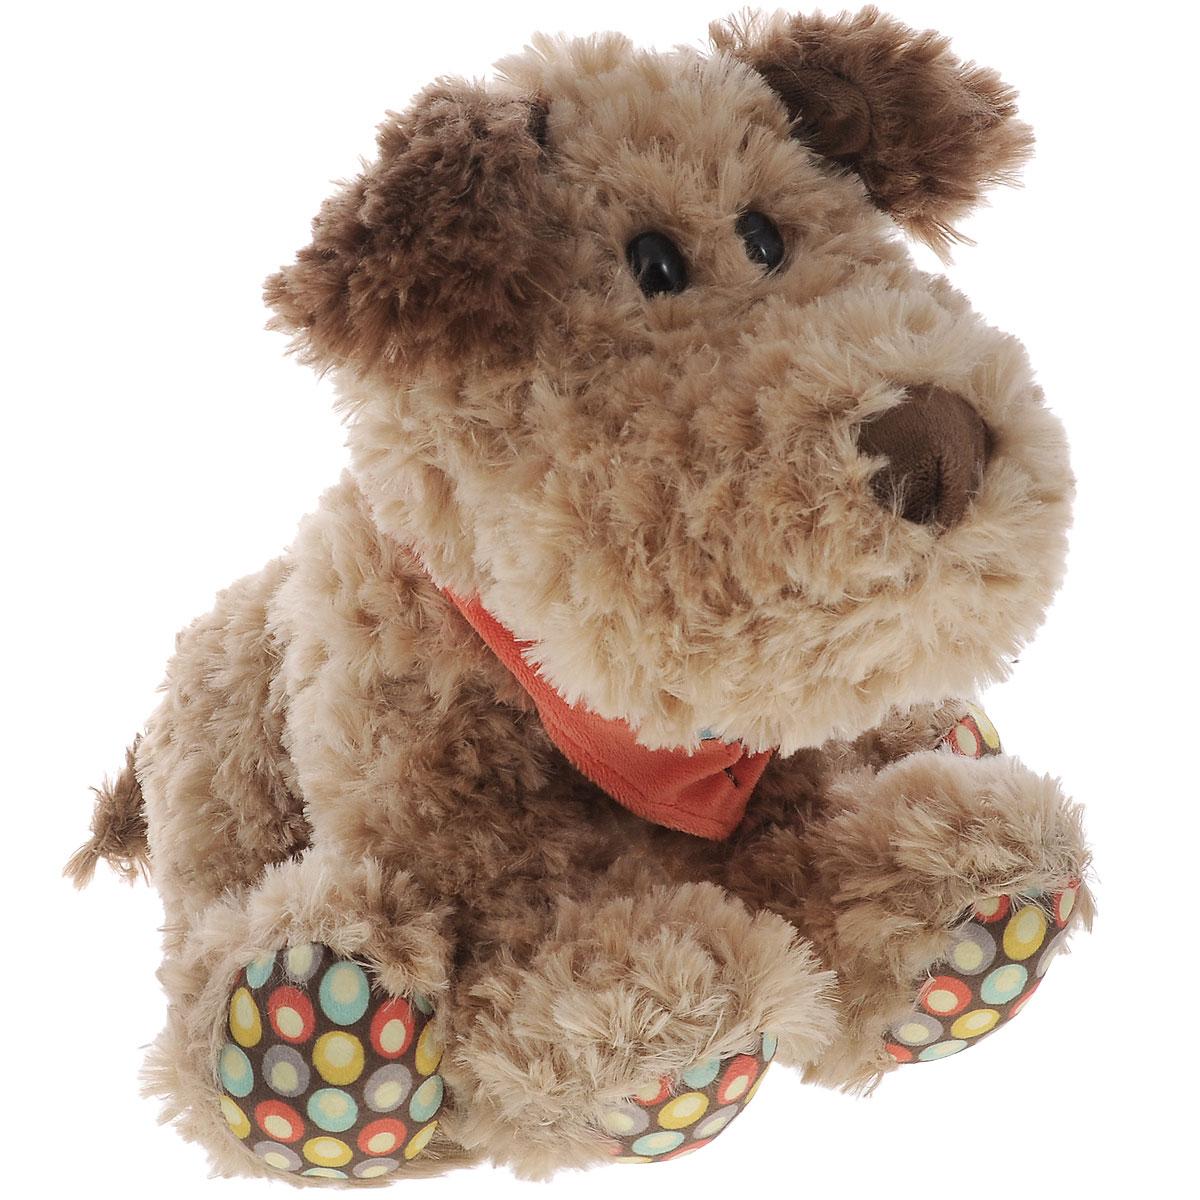 Plush Apple Мягкая игрушка Собака Кучеряшка, 27 смK31287ВМягкая игрушка Plush Apple Собака Кучеряшка станет верным другом вашему ребенку. Игрушка произведена из безопасных и качественных материалов. Собачка по имени Кучеряшка украшена стильным платком, подвязанным на шее. У нее пушистая приятная шерстка, черные глаза-бусинки, а подушечки на лапках дополнены специальными вставками из яркого текстиля с рисунком. Озорная и забавная собачка Кучеряшка непременно понравится малышу и не позволит ему скучать.